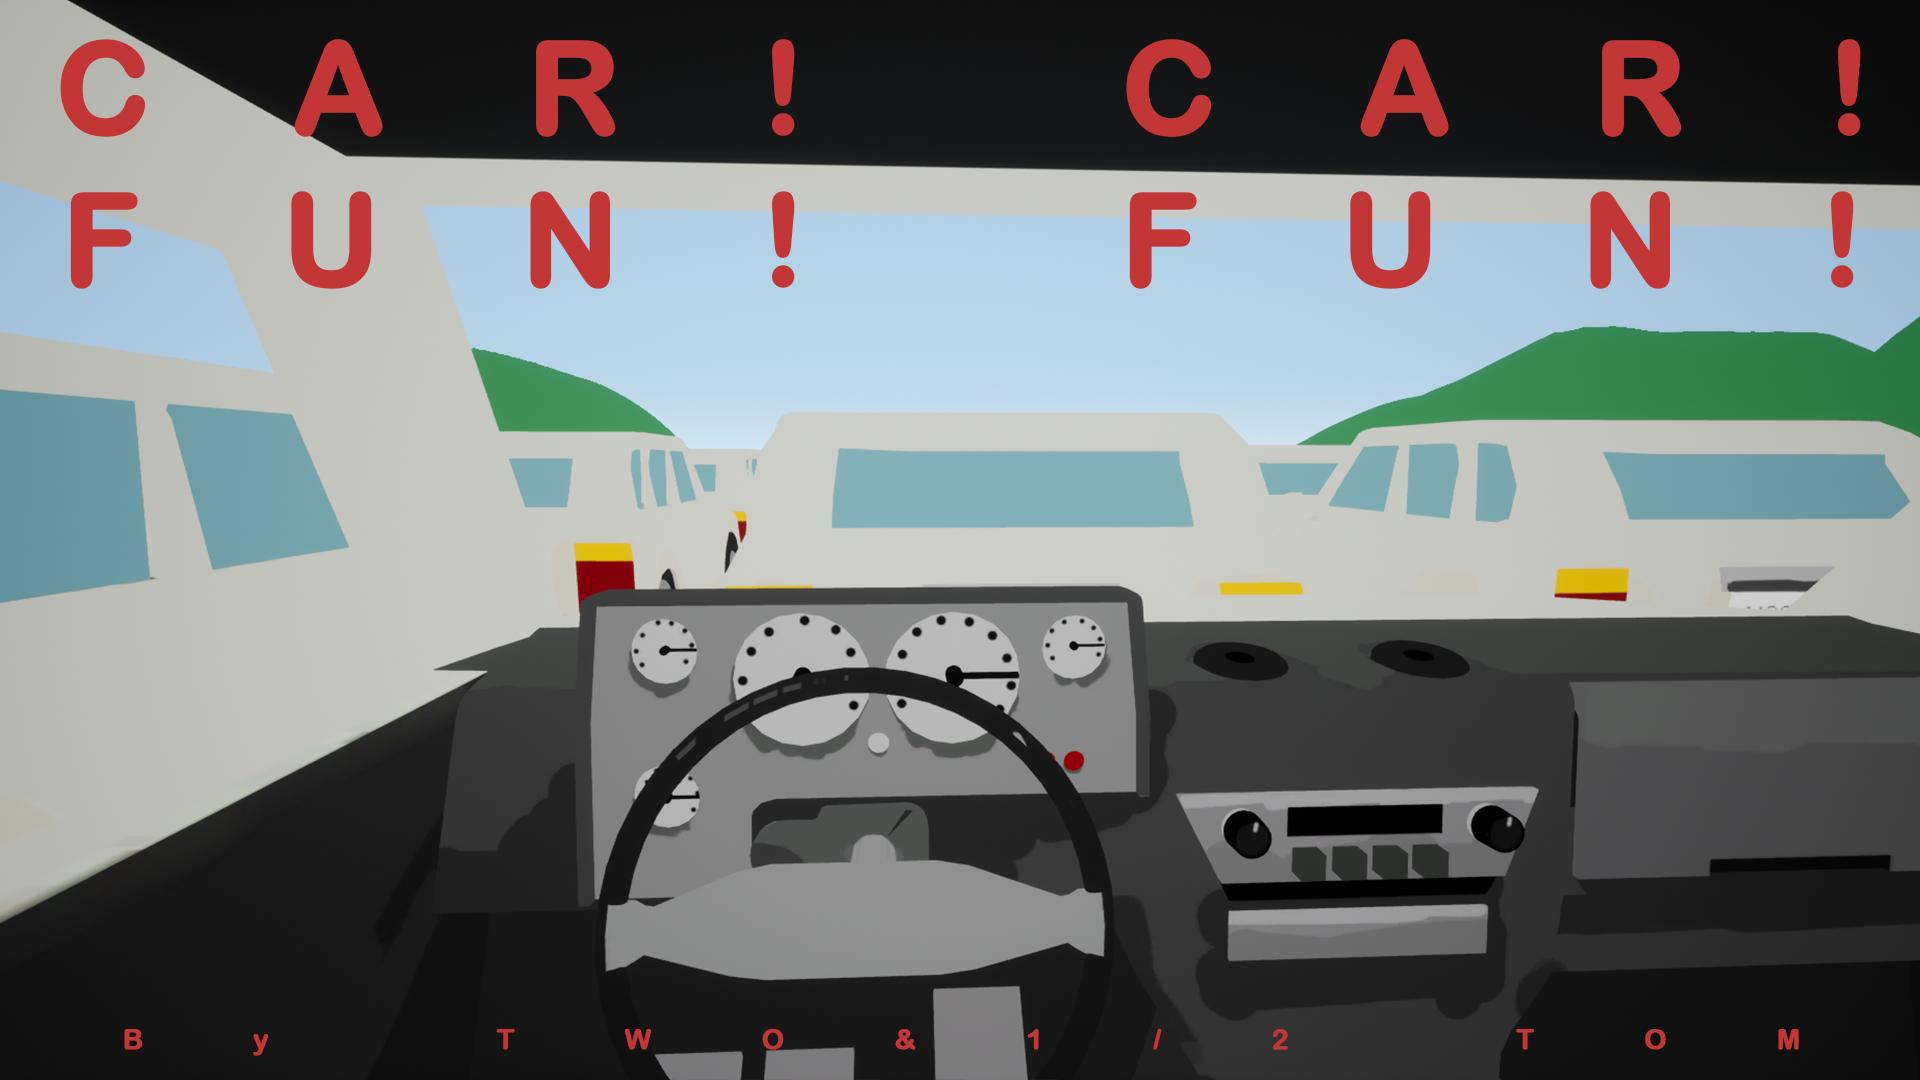 Car! Car! Fun! Fun!